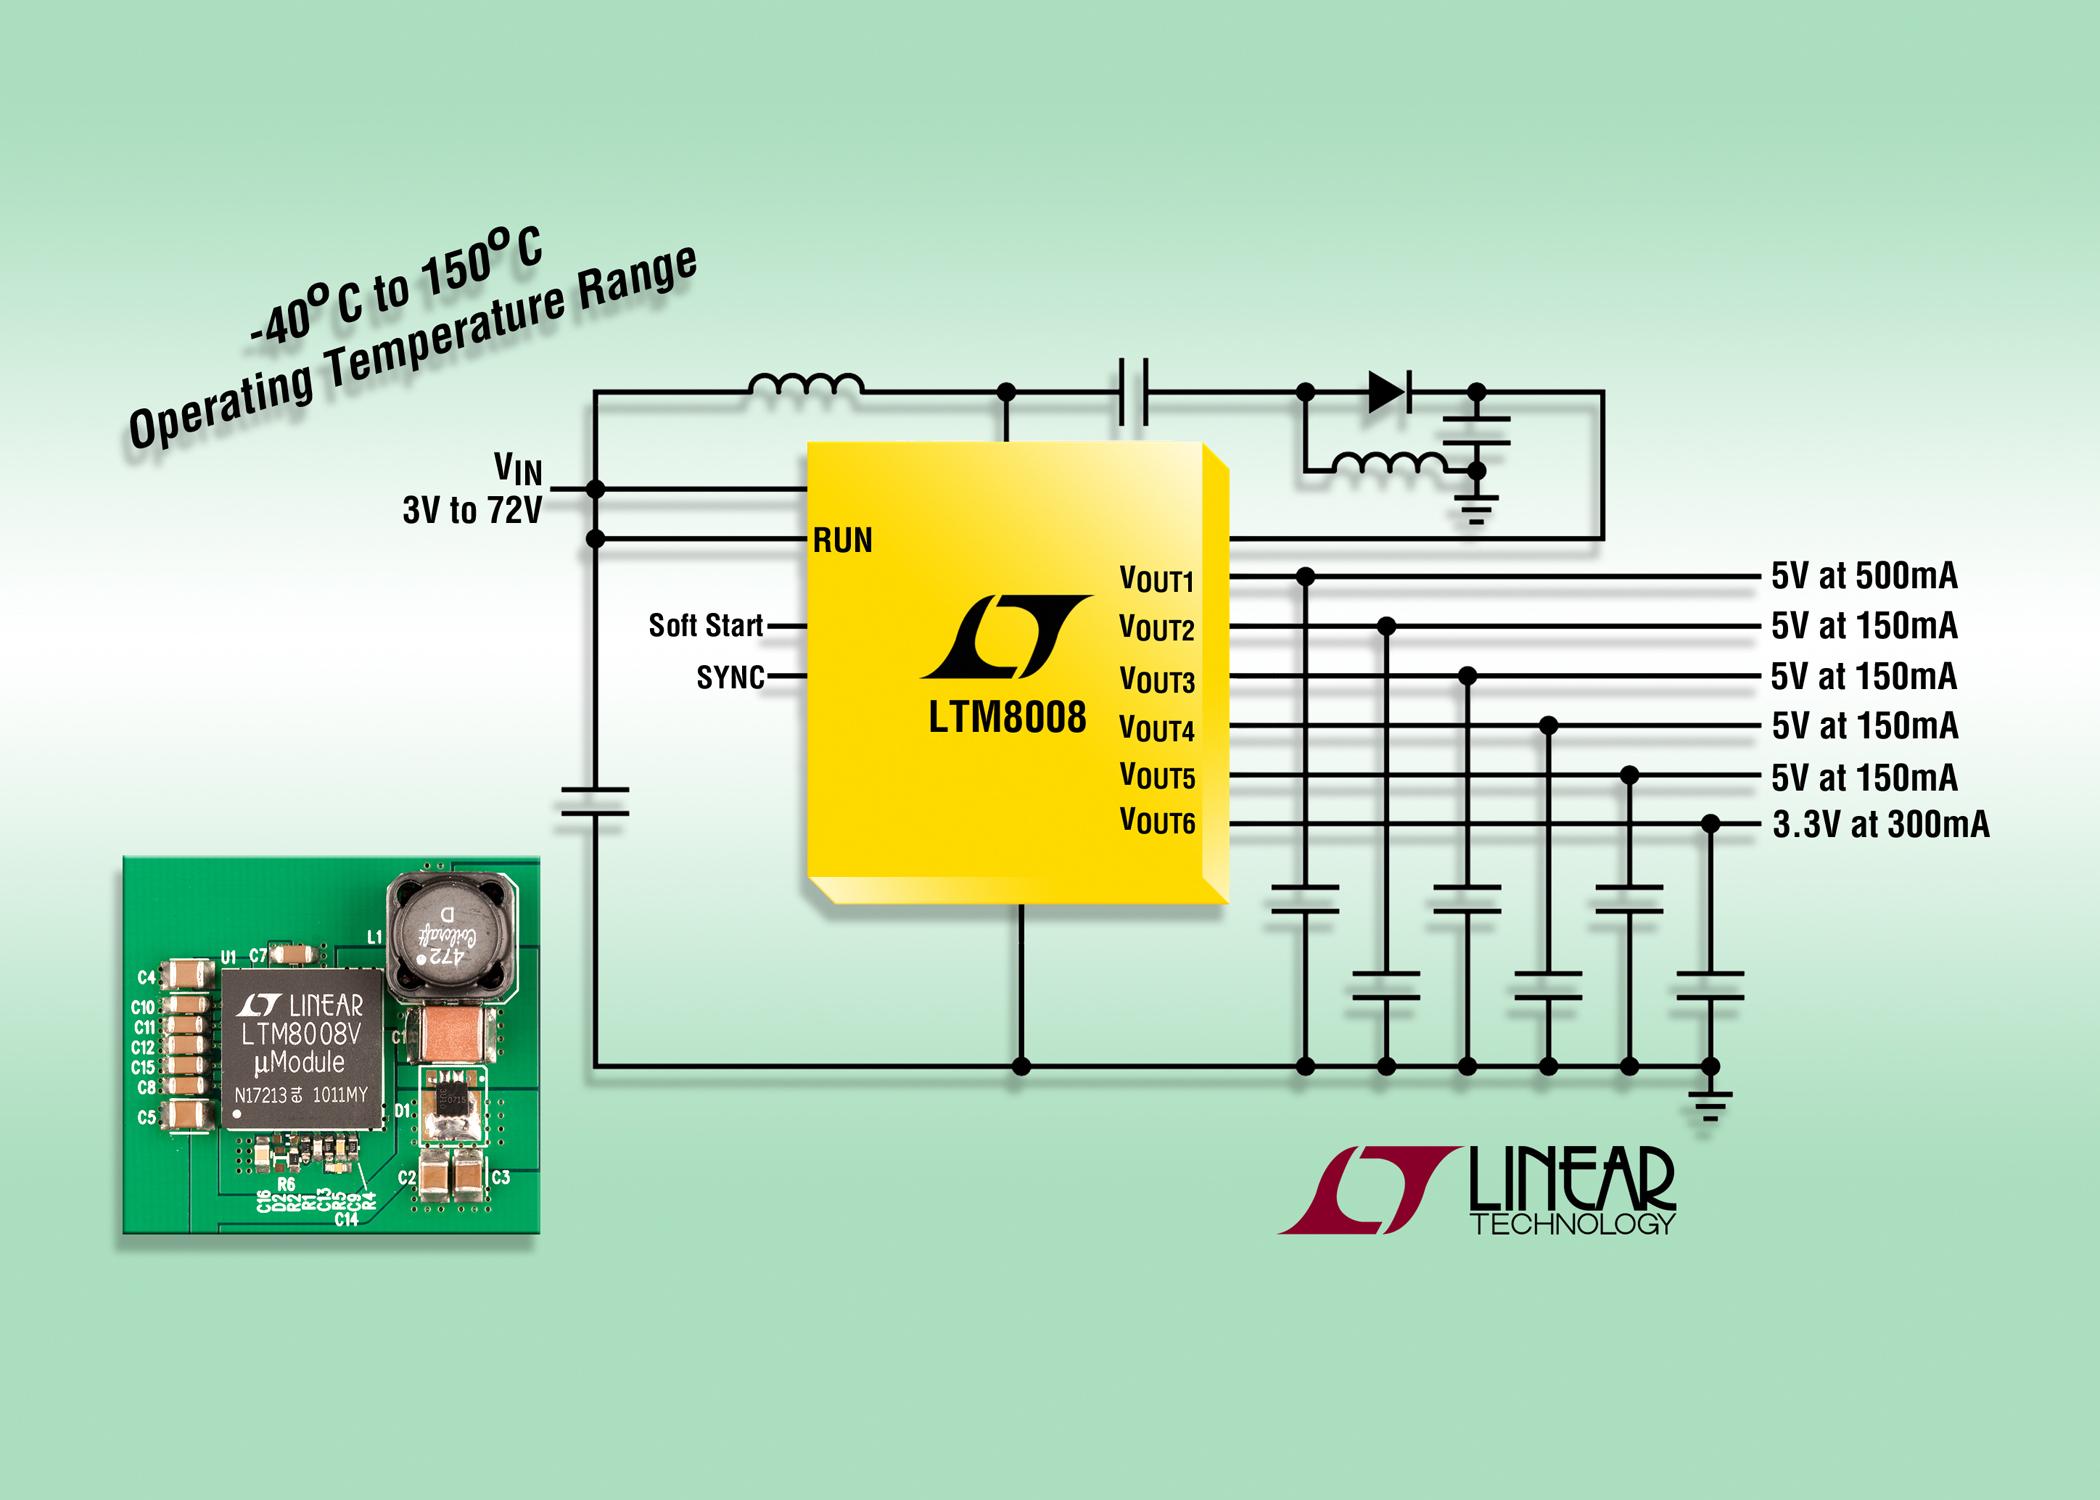 照片说明:采用 15mm x 15mm x 2.82mm LGA 封装的 6 输出 DC/DC 微型模块稳压器